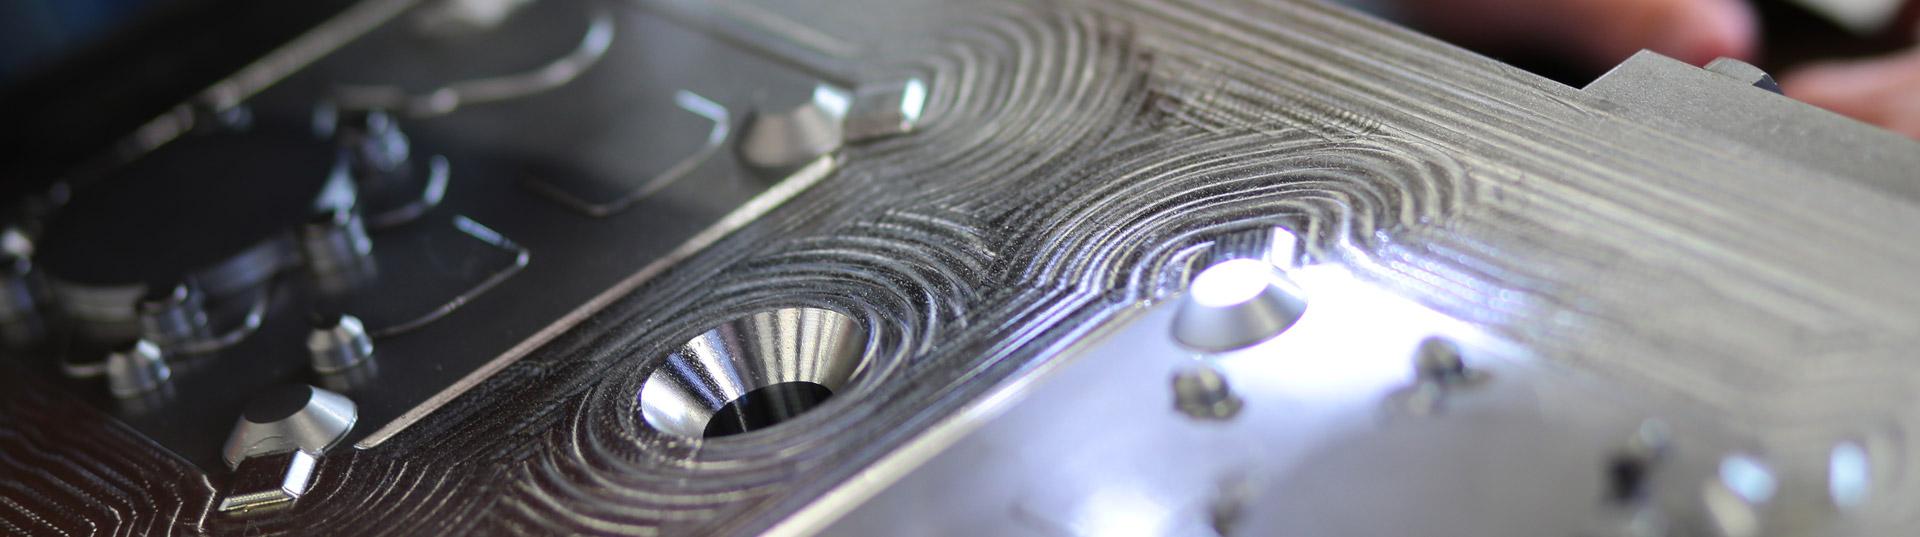 Sigarv-verktygstillverkling-startsida